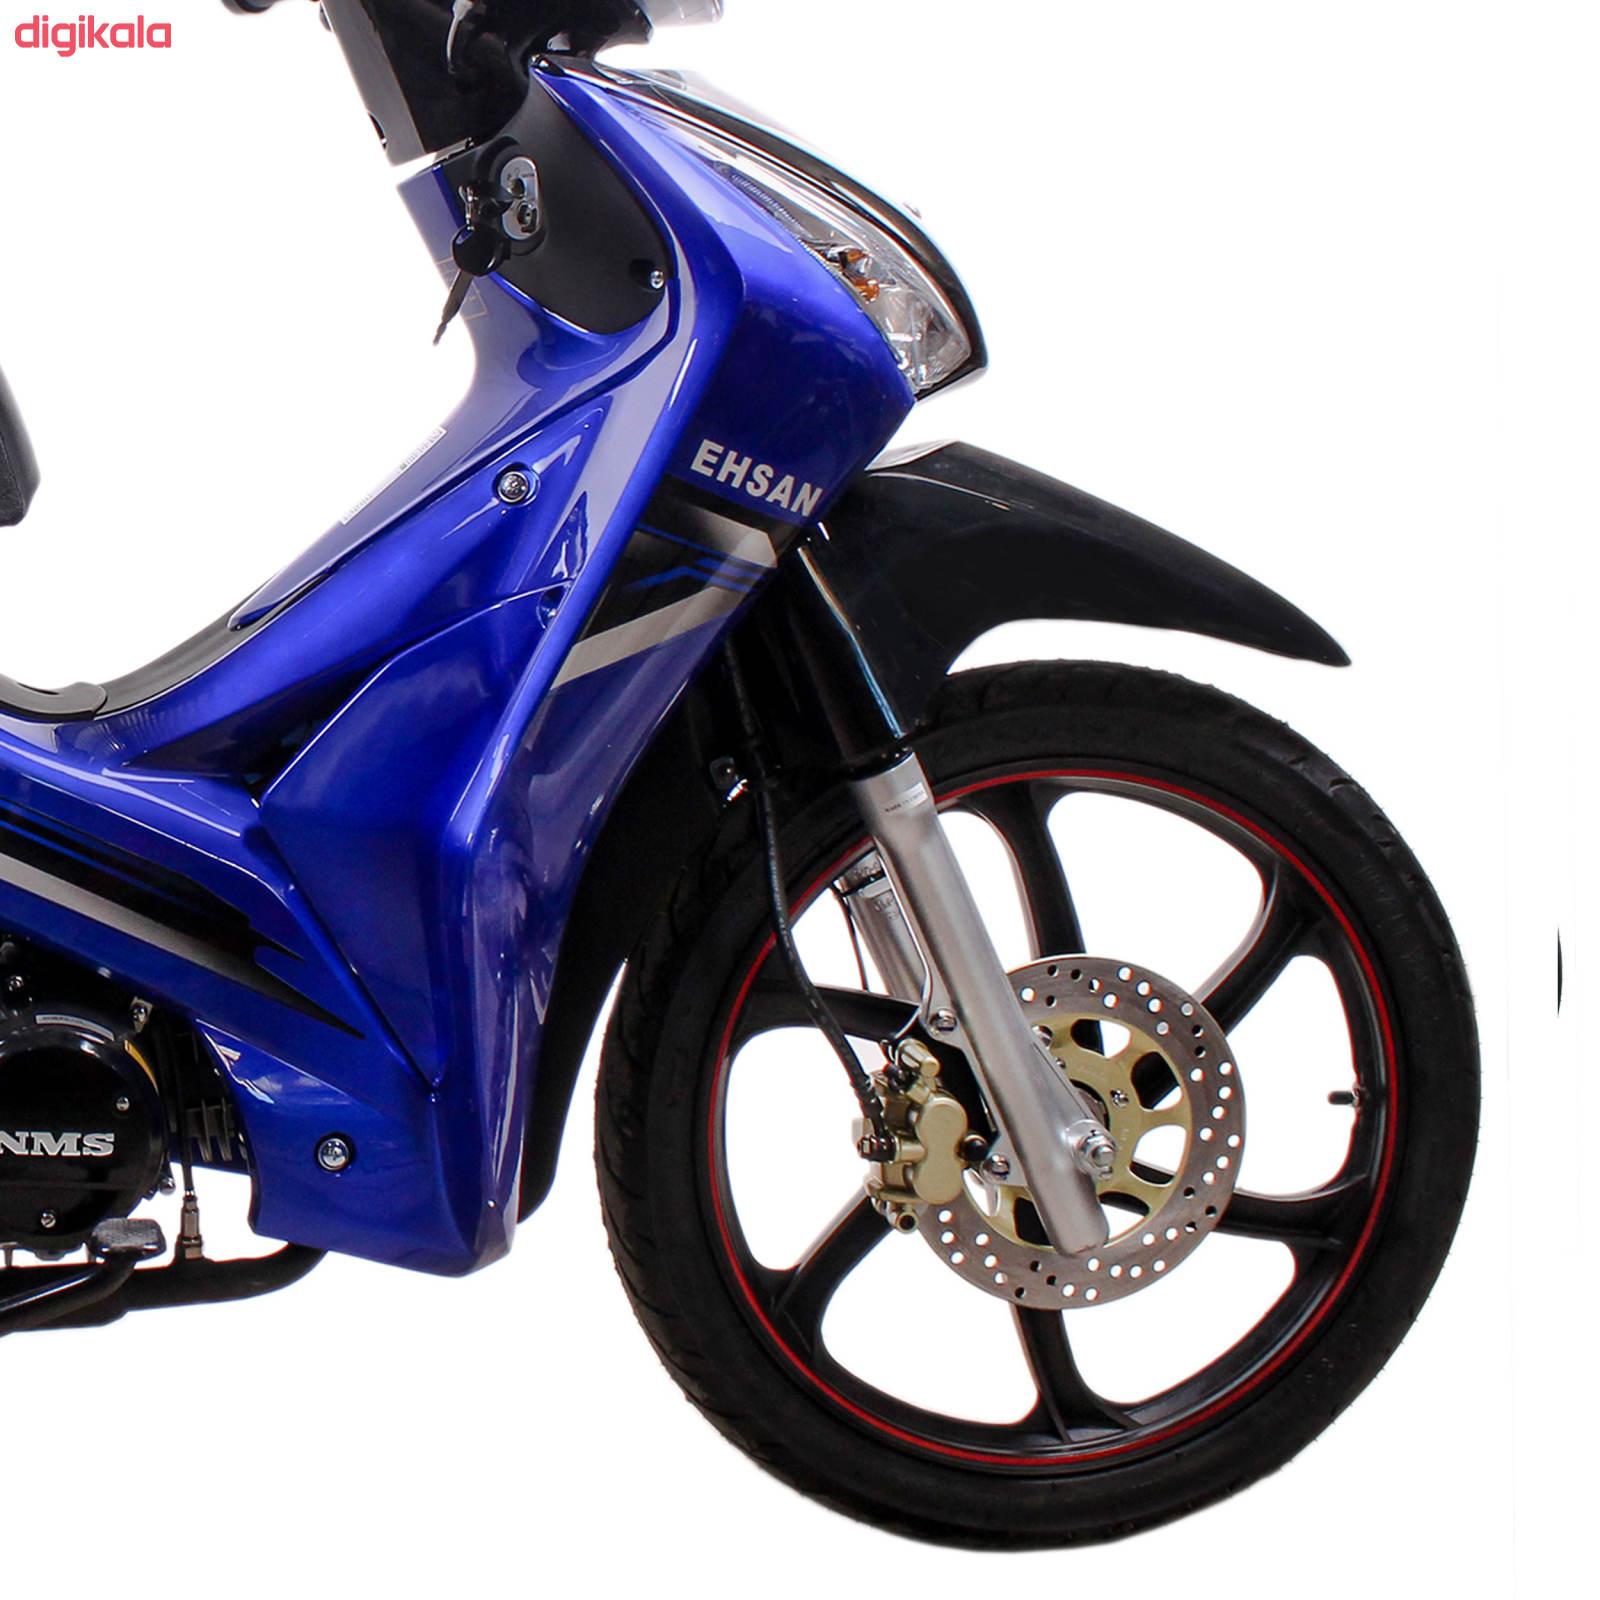 موتورسیکلت احسان مدل آر دی 125 سی سی سال 1399 main 1 3